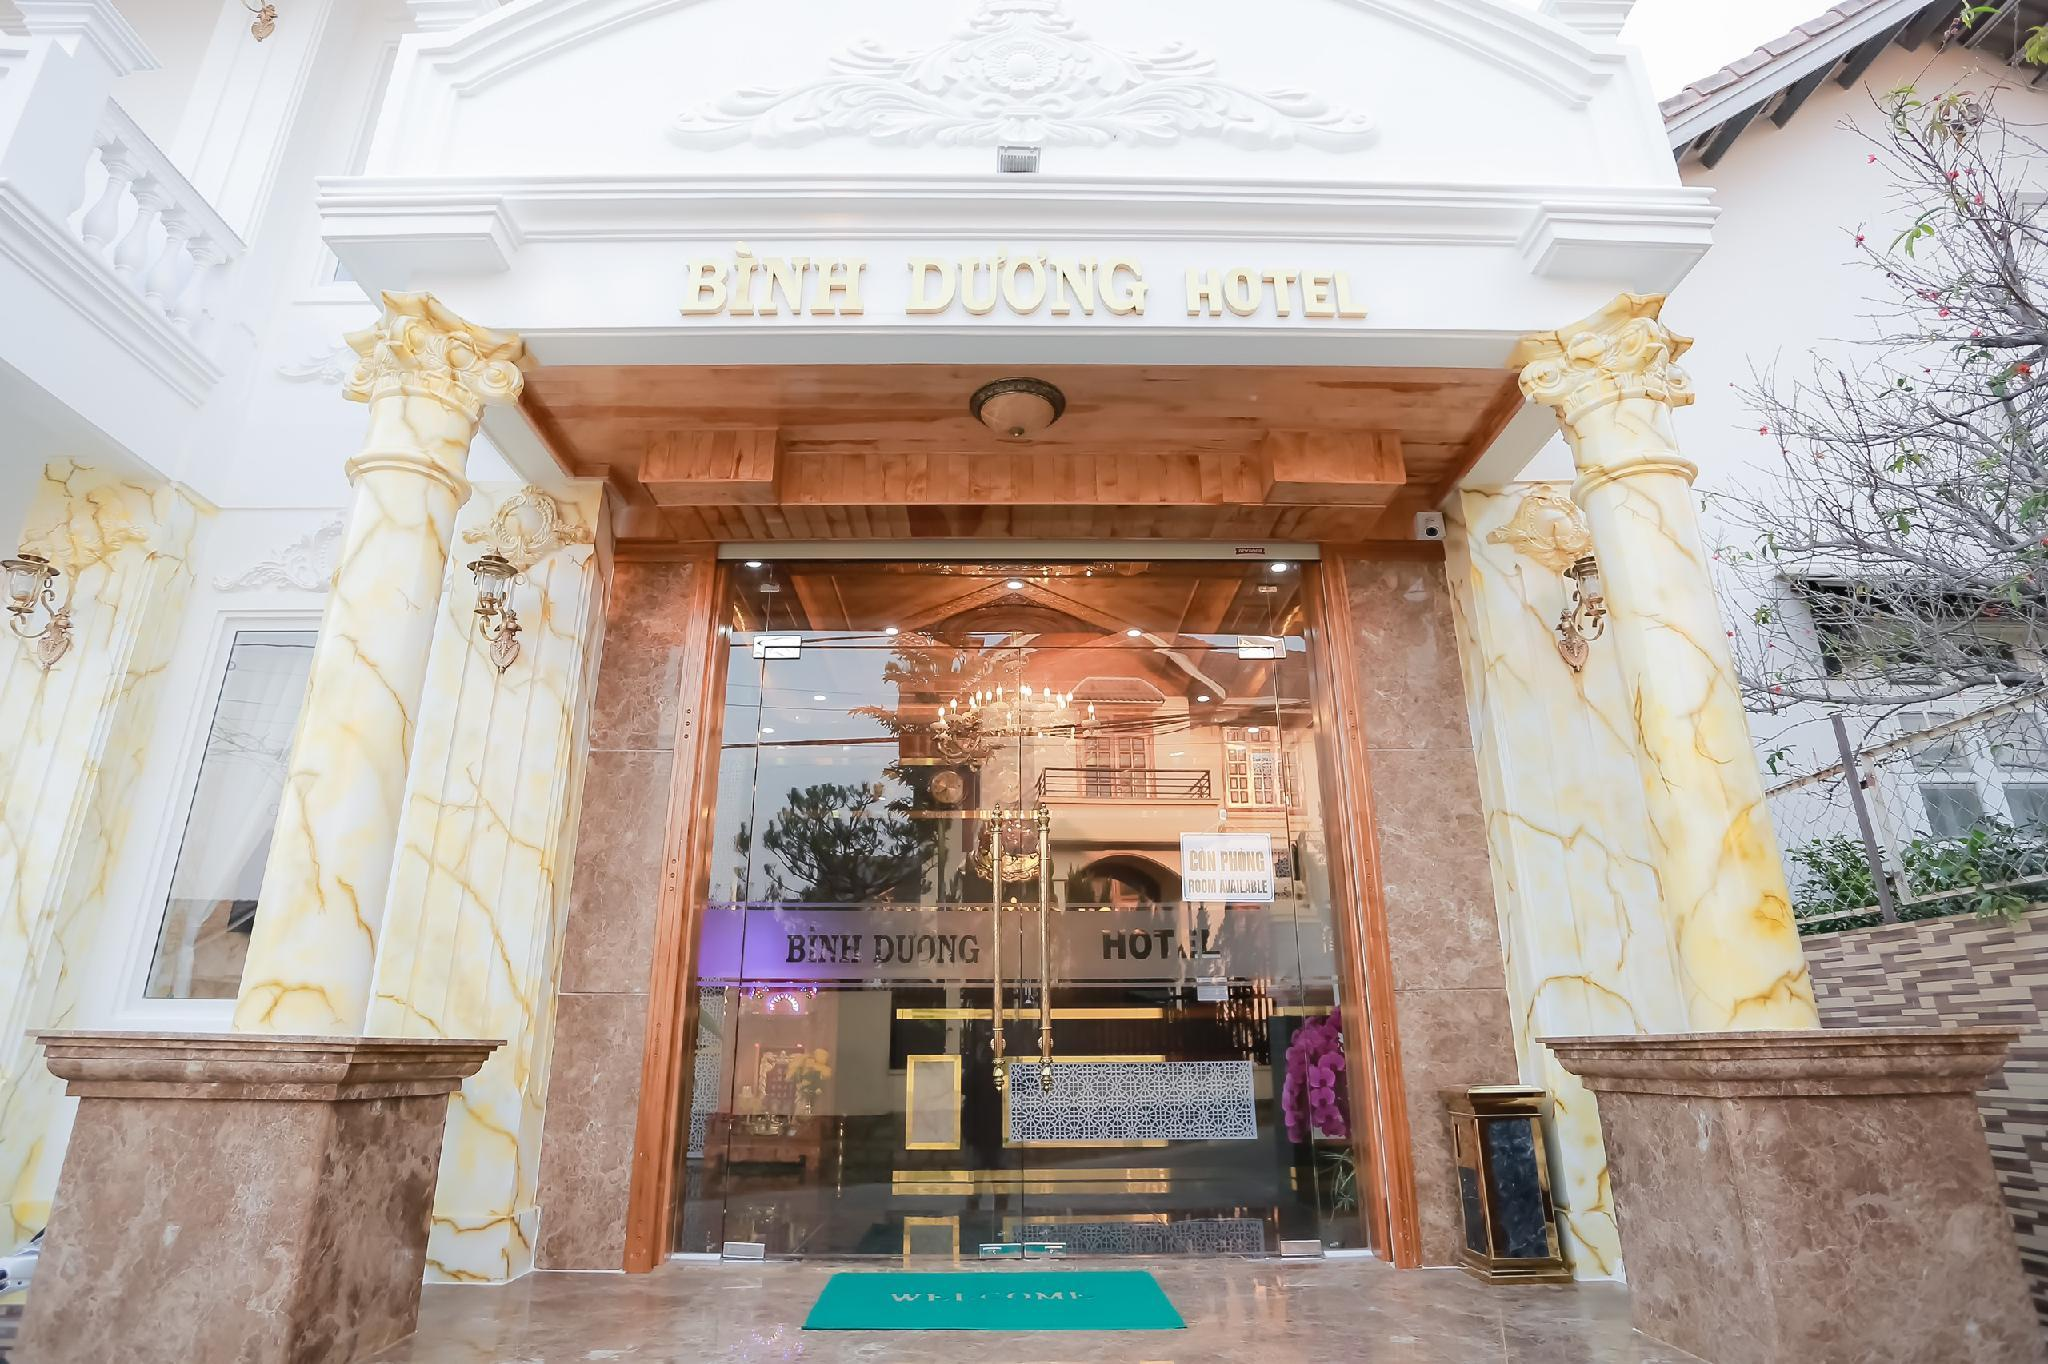 7S Hotel Binh Duong Dalat